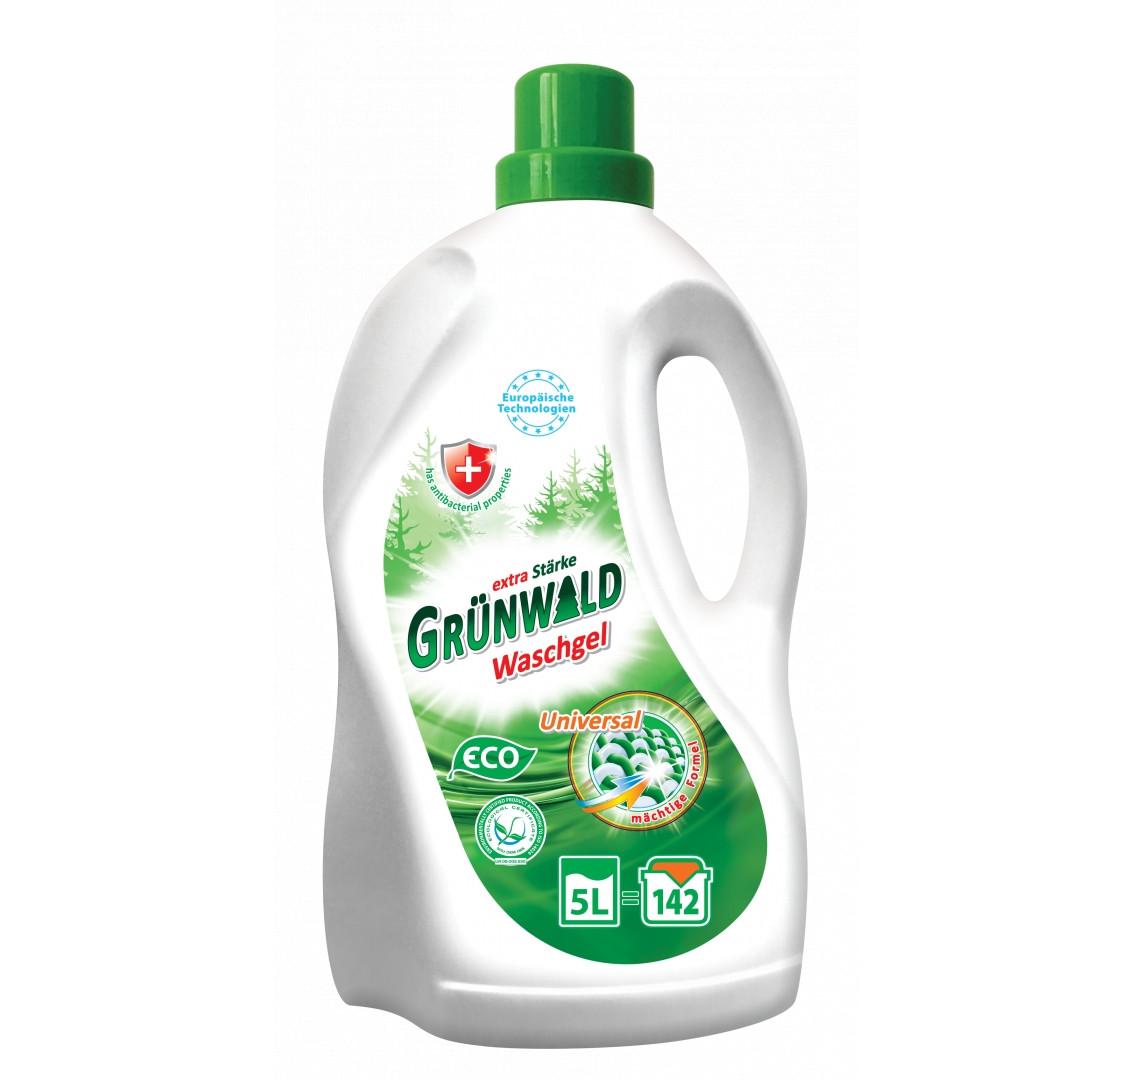 Гель для прання 5л Grunwald Универсальный